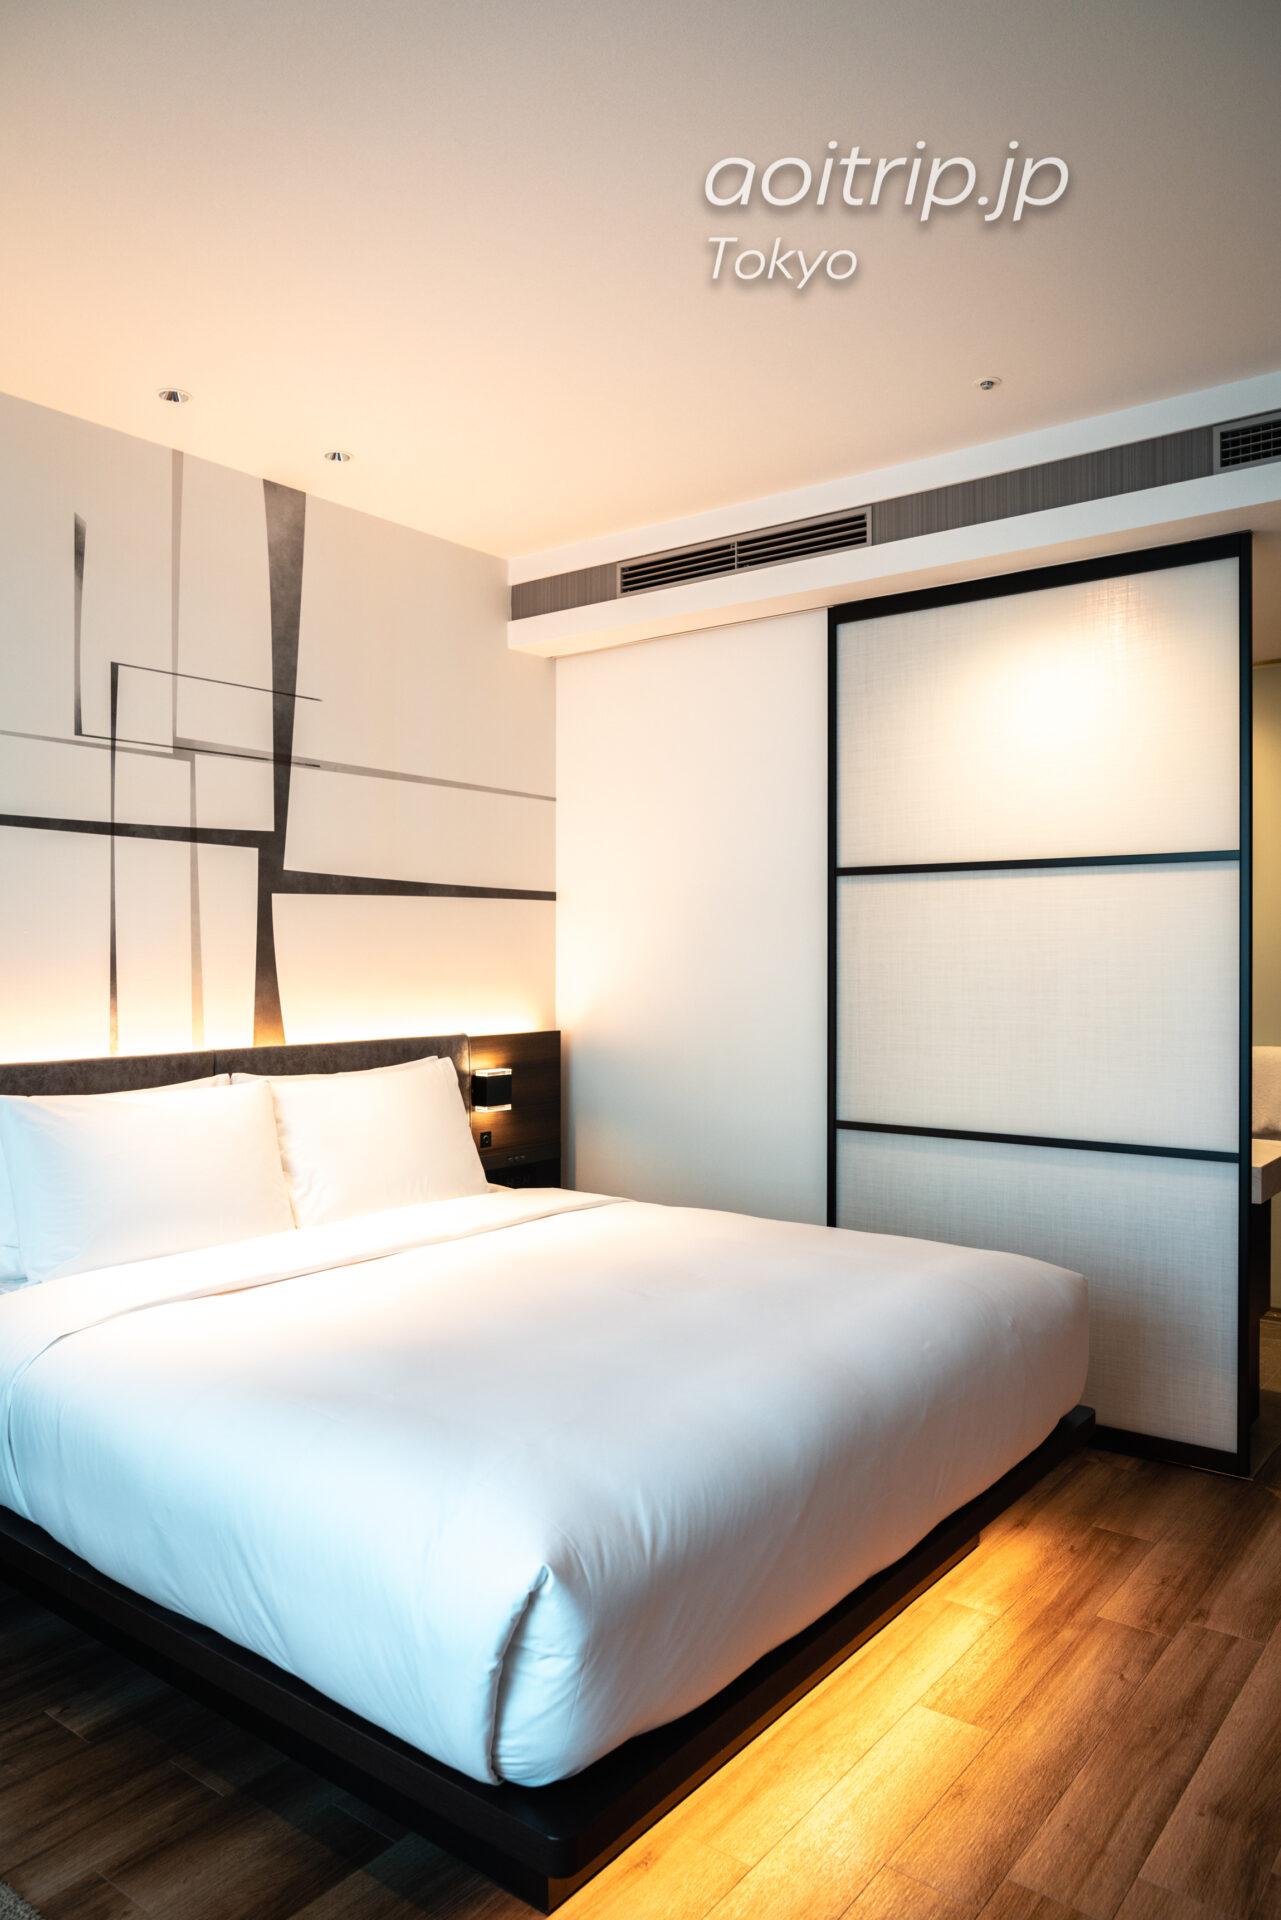 ACホテル東京銀座 AC Hotel Tokyo Ginzaの客室